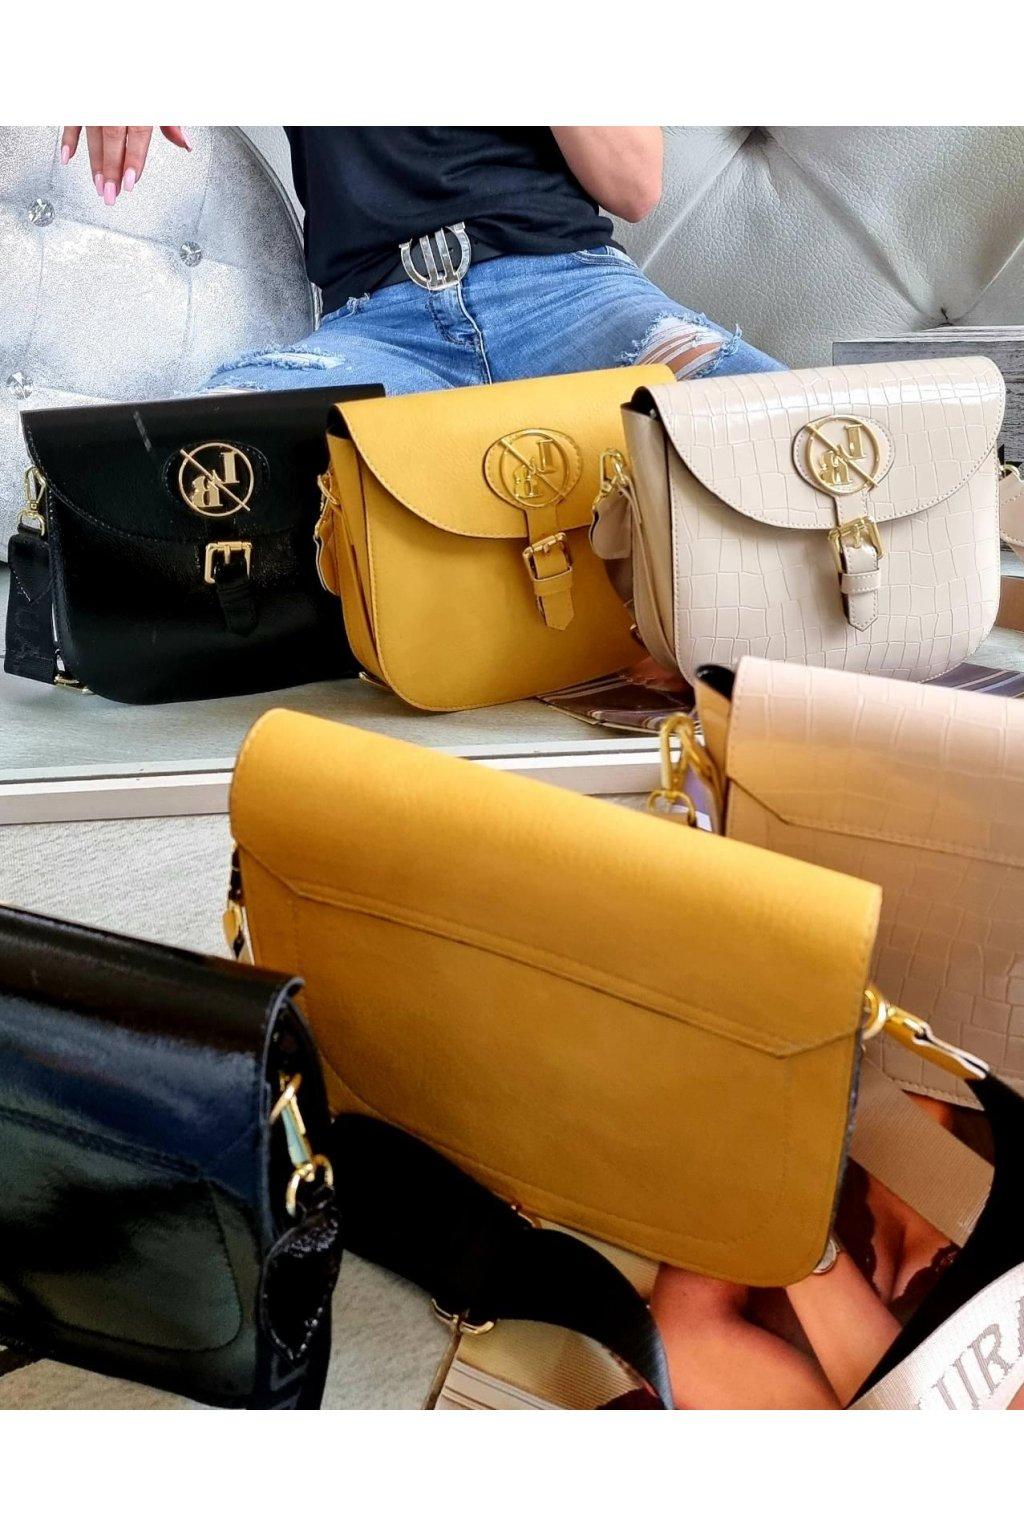 crossbody laura biaggi luxusní značková kabelka trendy italy fashion elegant